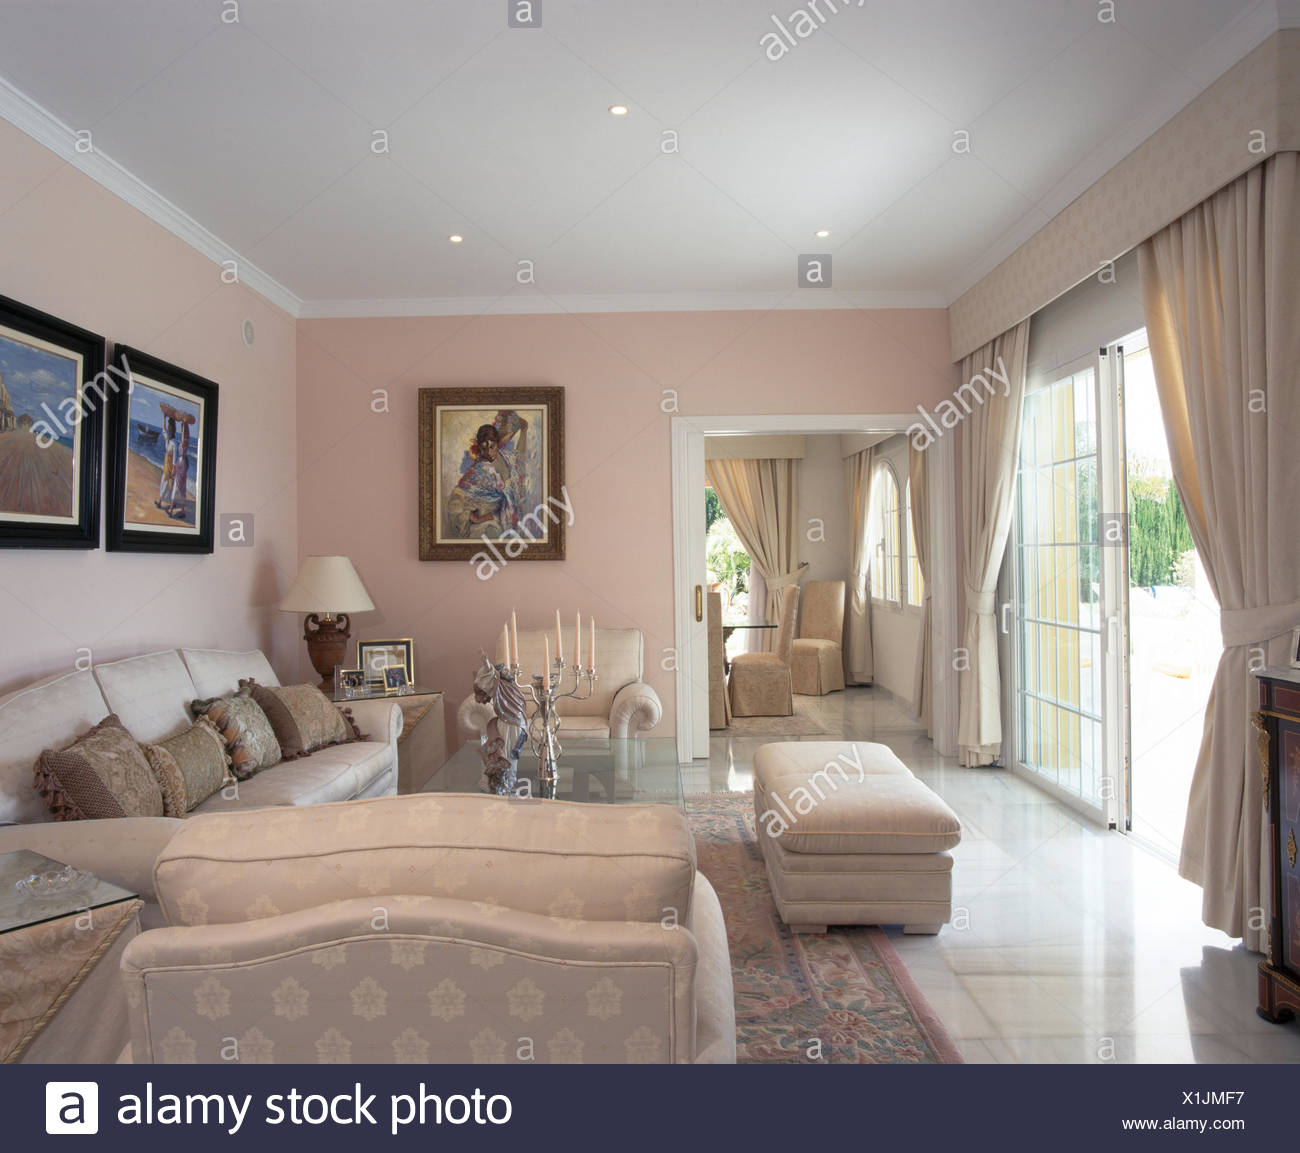 Crema ottomana imbottiti e divani in spagnolo villa ...